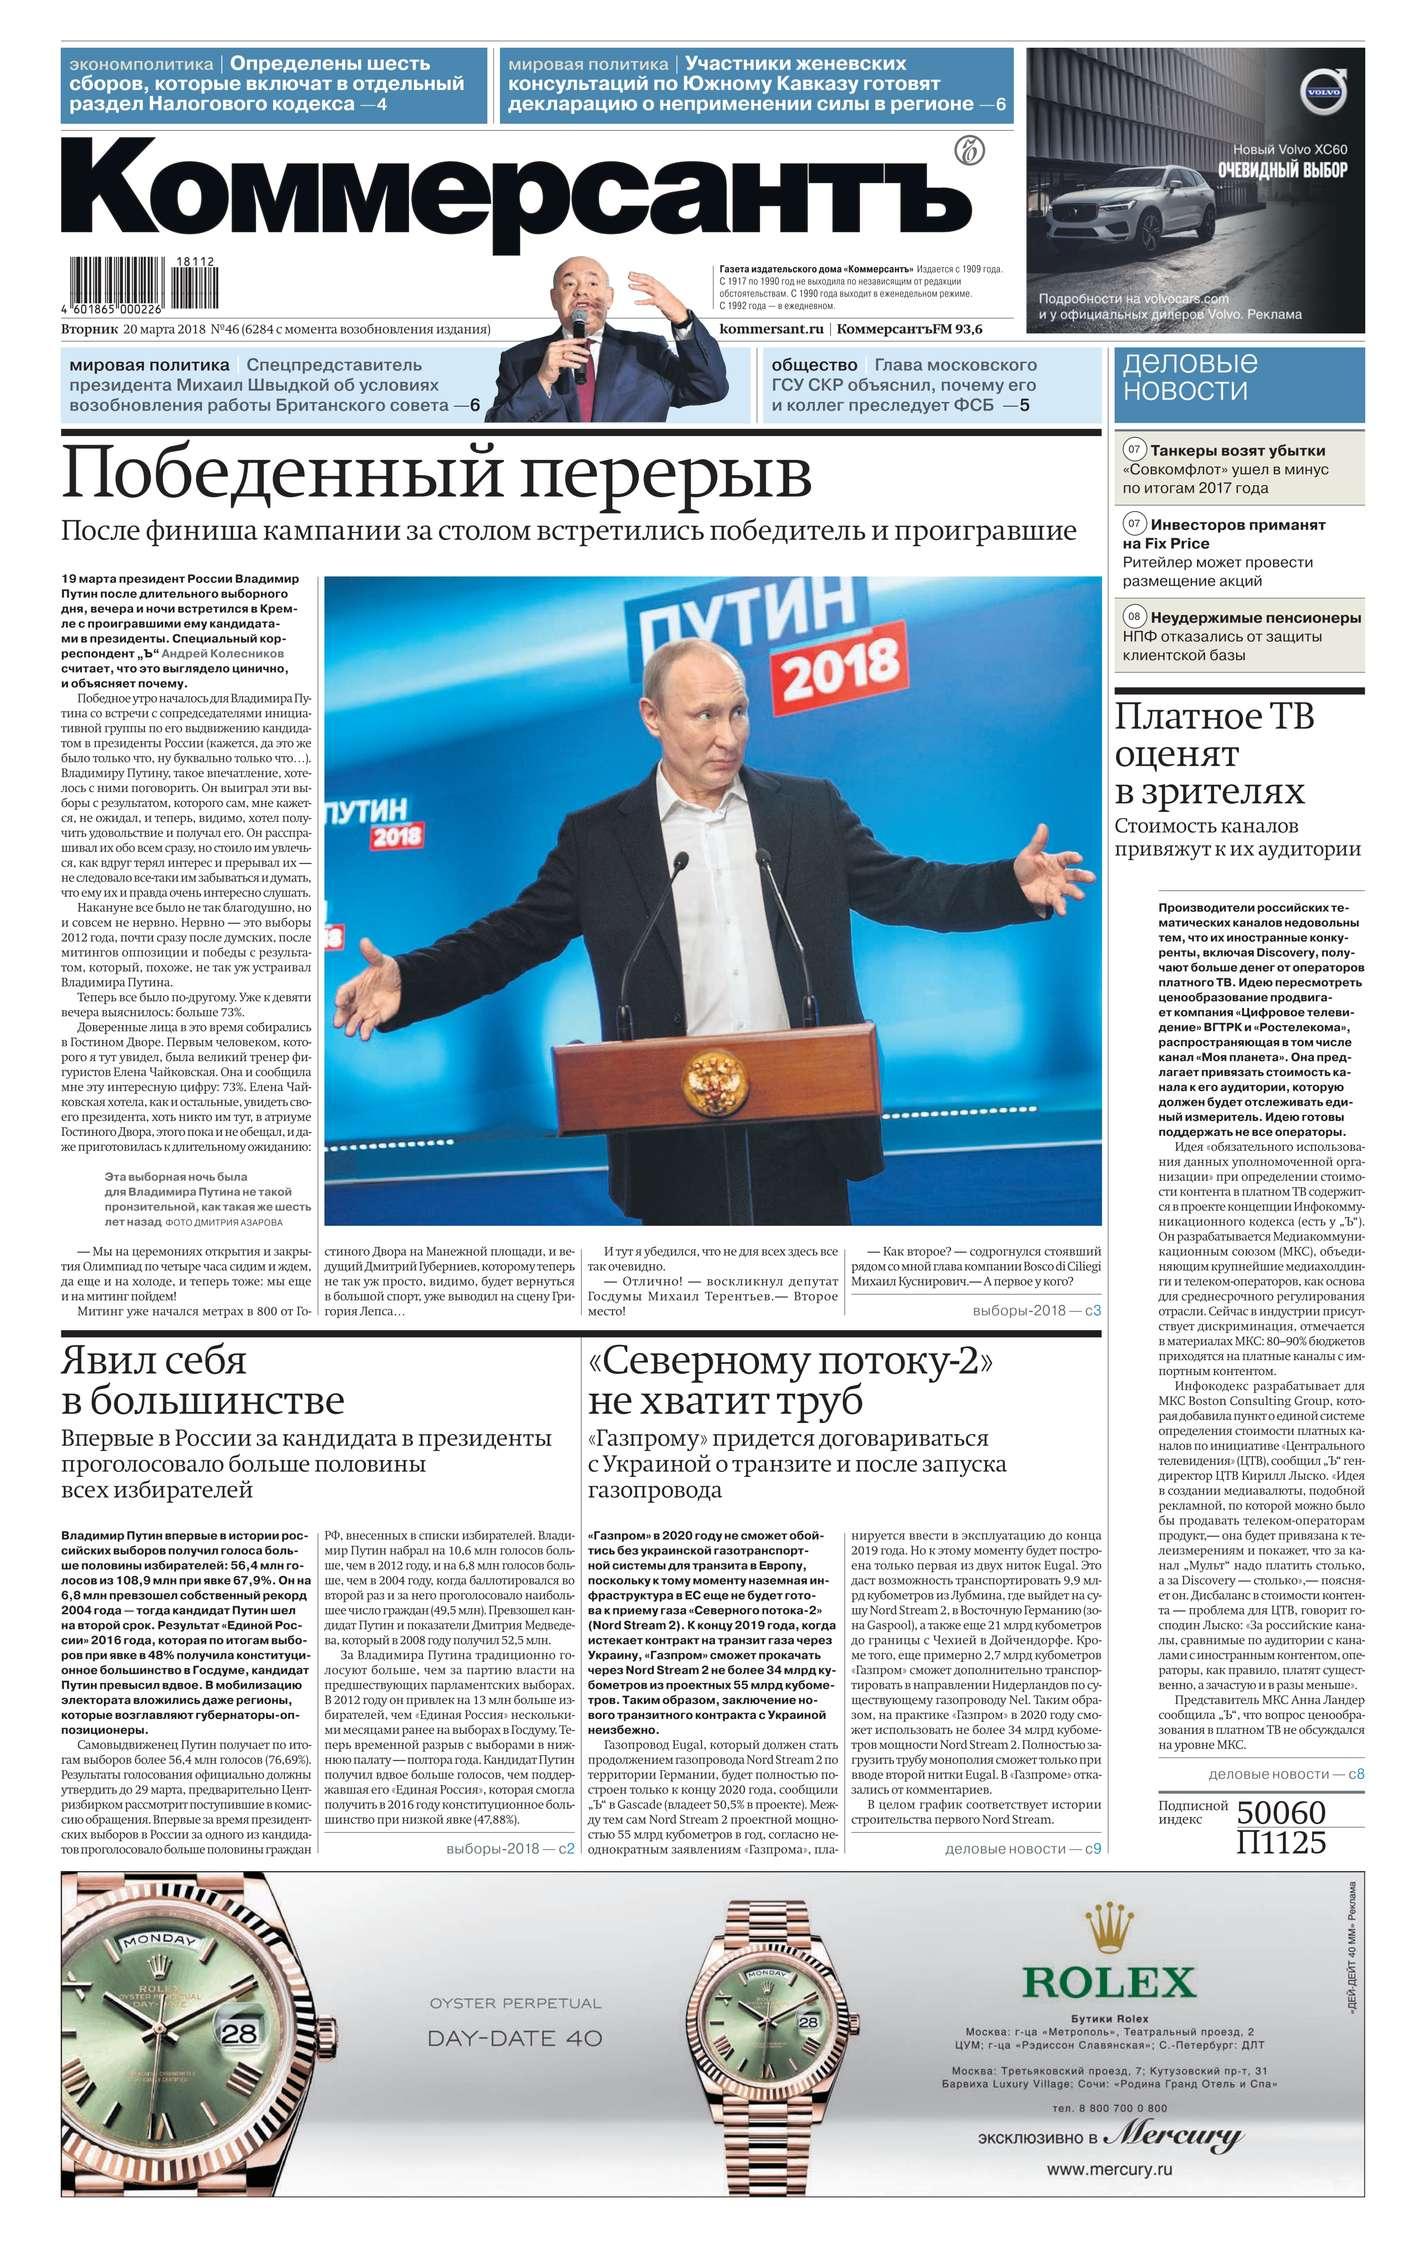 Редакция газеты Коммерсантъ (понедельник-пятница) Коммерсантъ (понедельник-пятница) 46-2018 цена